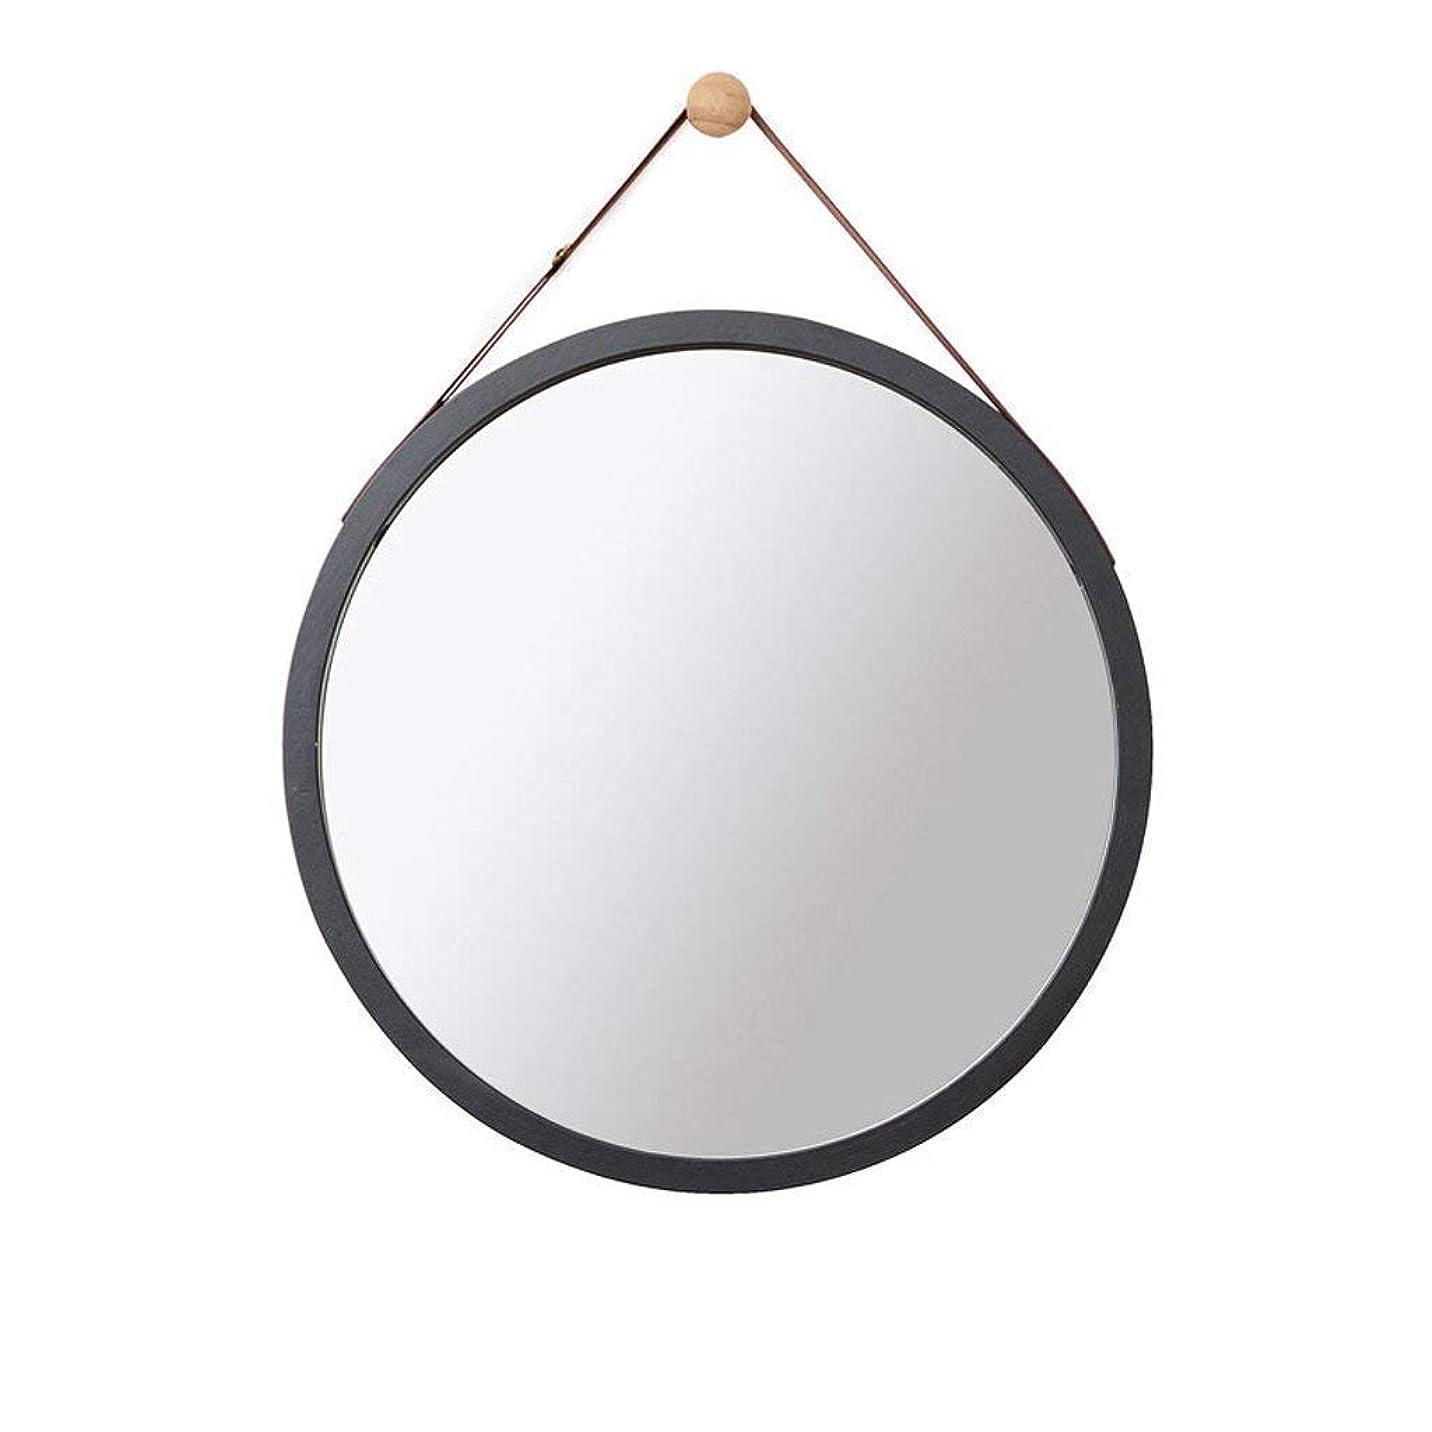 オフセット比類なき高度なSelm 壁掛けミラー、壁掛けミラー、化粧鏡、バスルーム装飾、吊り鏡 (Color : Black, Size : 45CM)